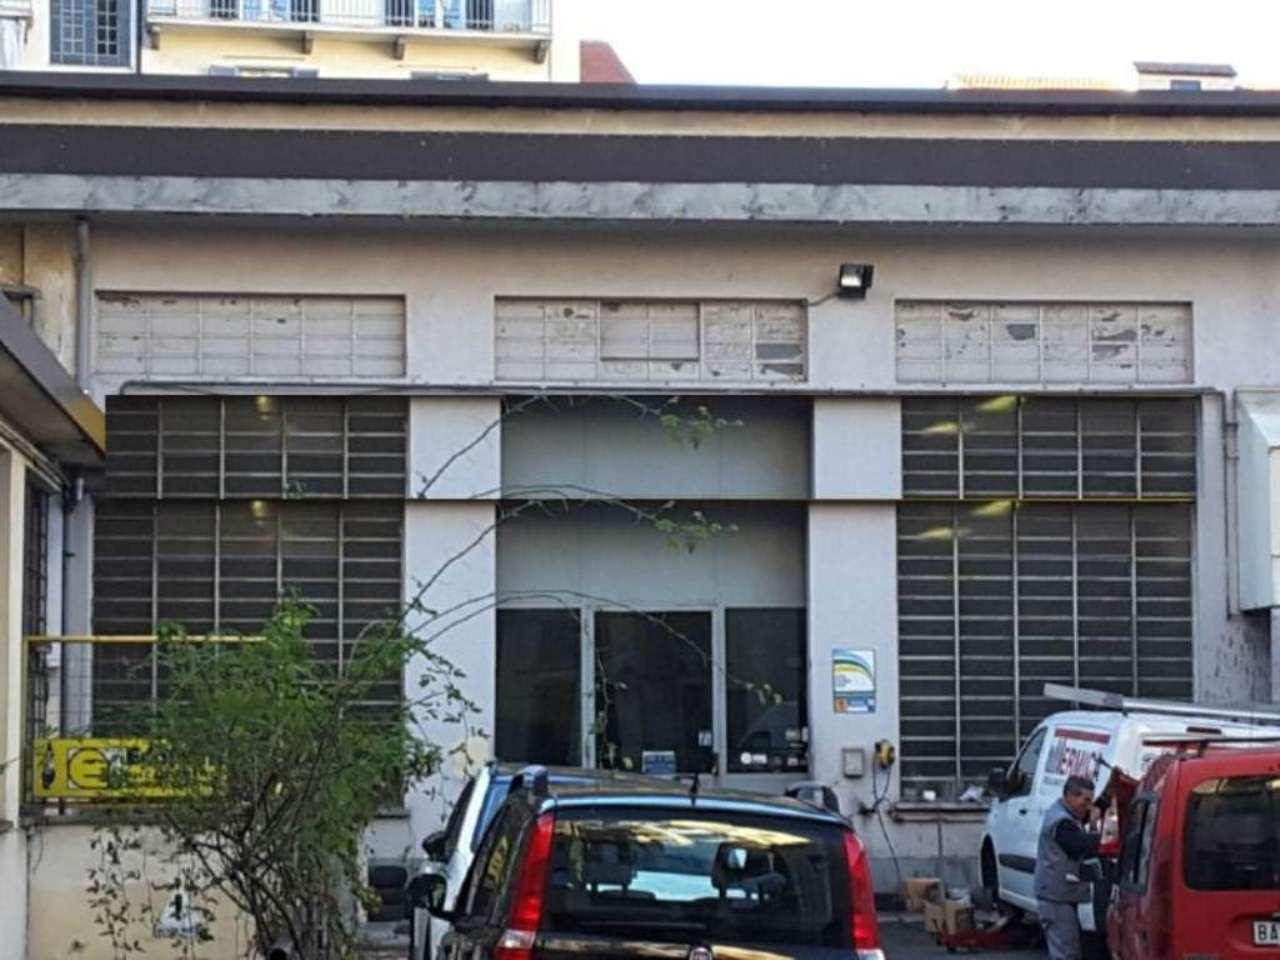 Negozio in vendita Zona Cit Turin, San Donato, Campidoglio - via caserta 5 Torino